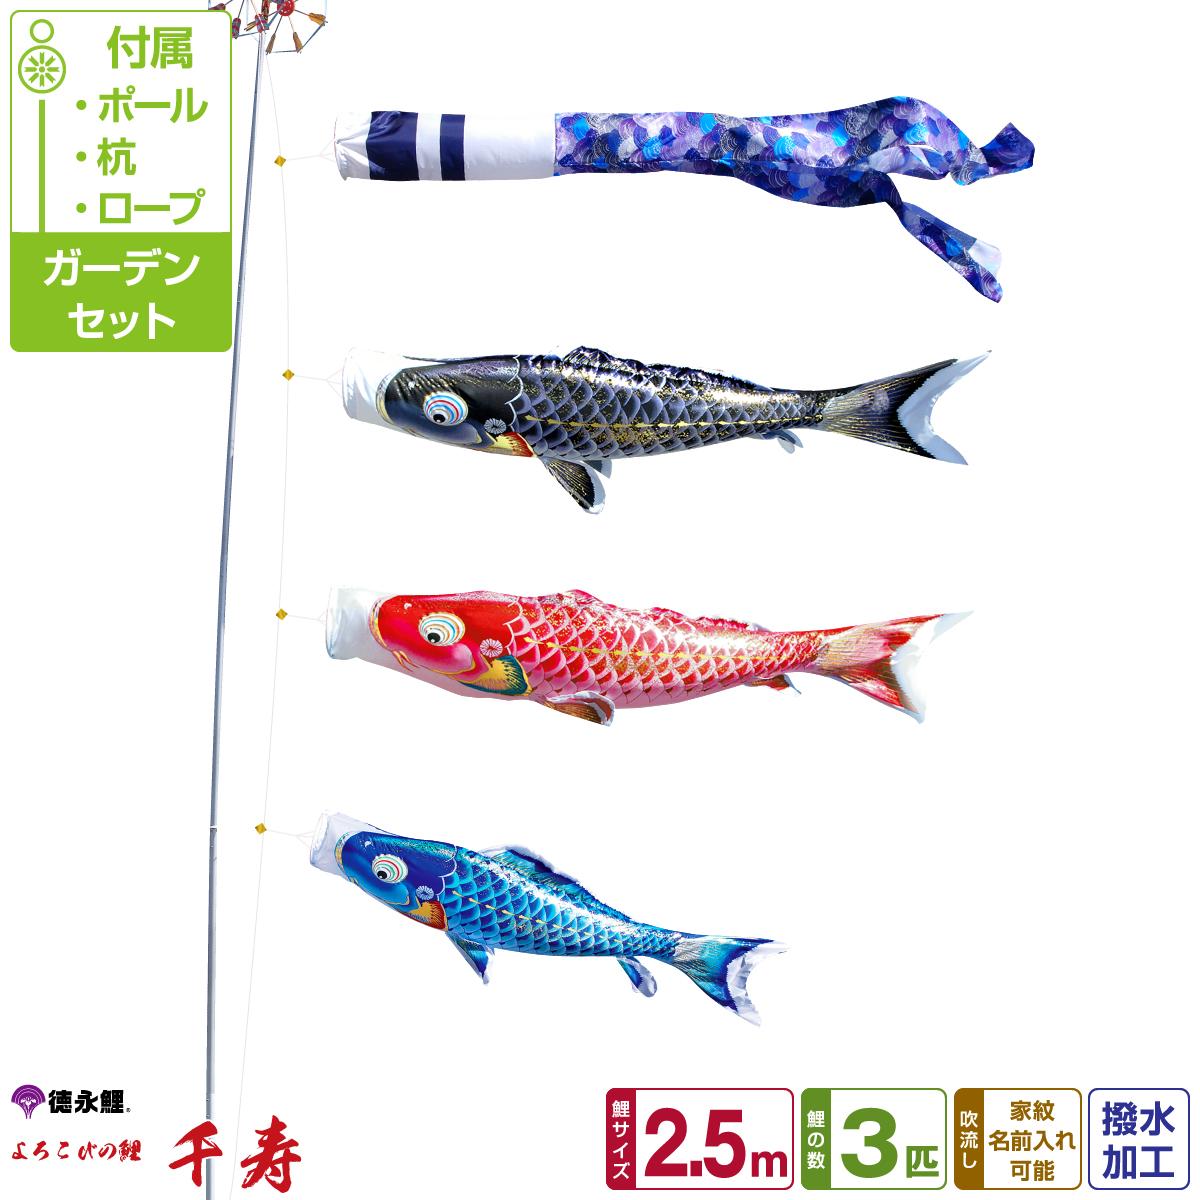 徳永鯉のぼり 千寿鯉 2.5m 6点セット ガーデンセット 2019年初節句 端午の節句 こどもの日 こいのぼり